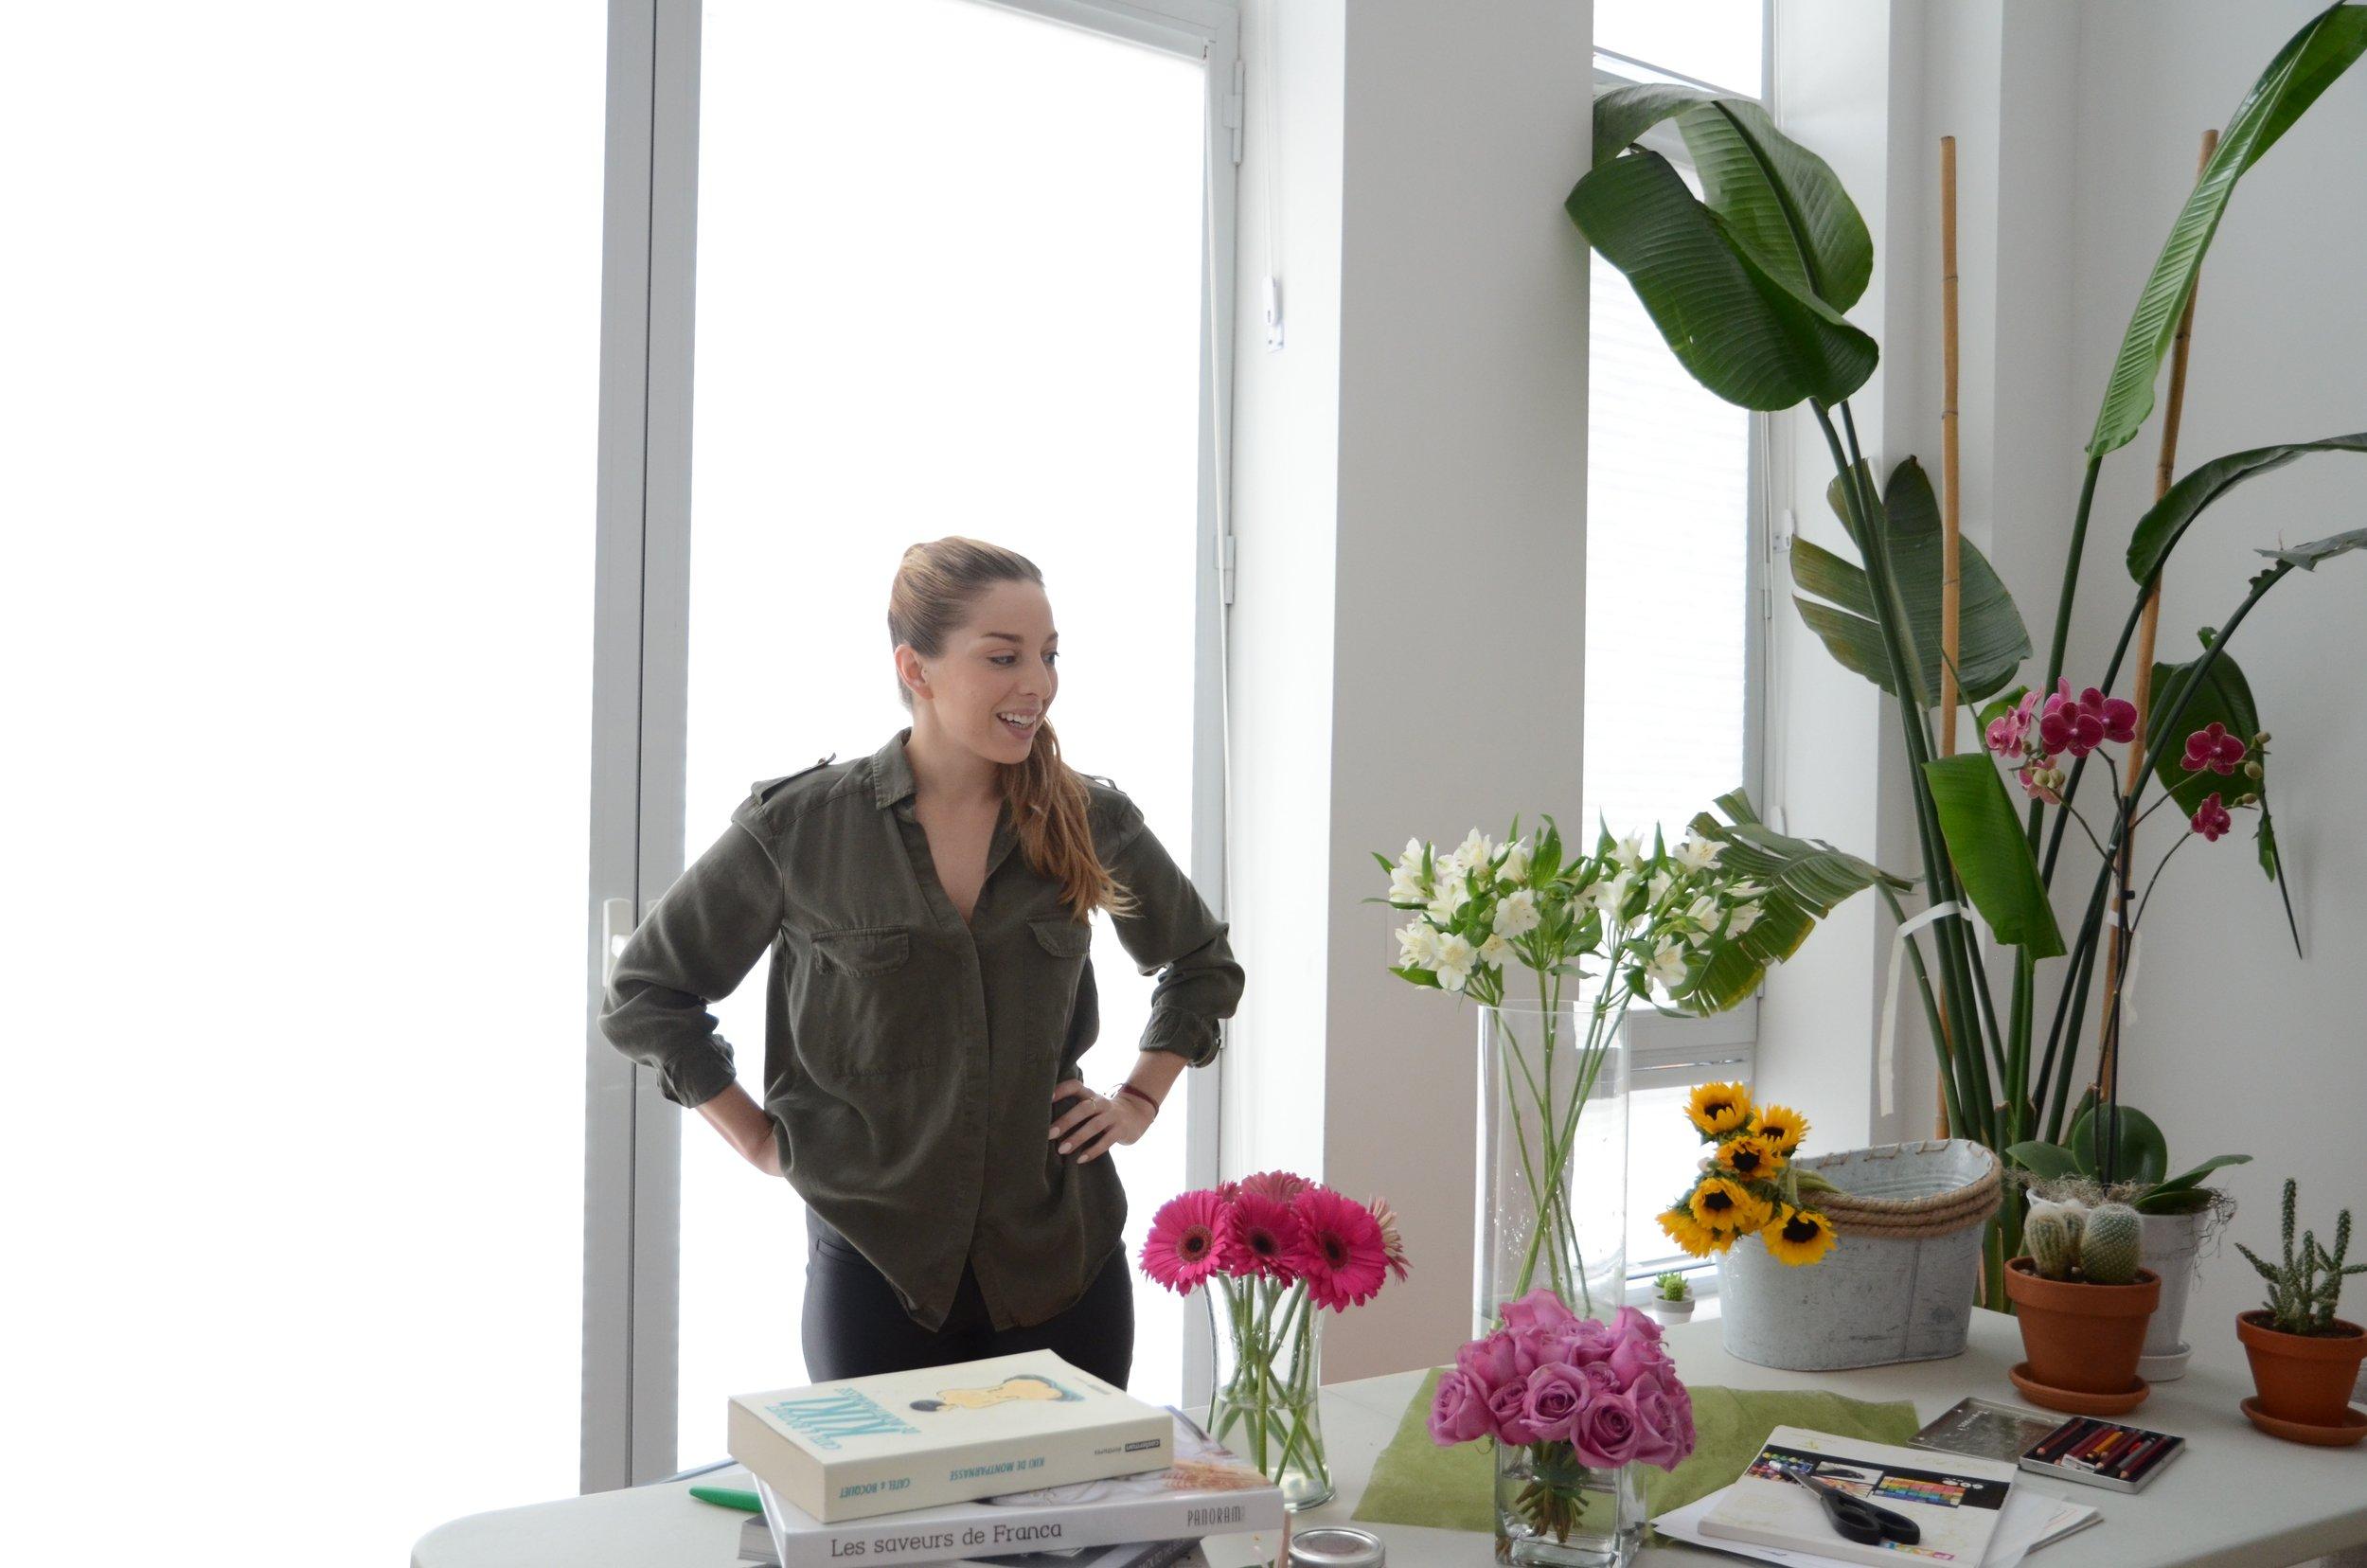 10 choses à savoir sur Stefania Janiak,codirectrice créative et planificatrice - Photo par Nania Sergi